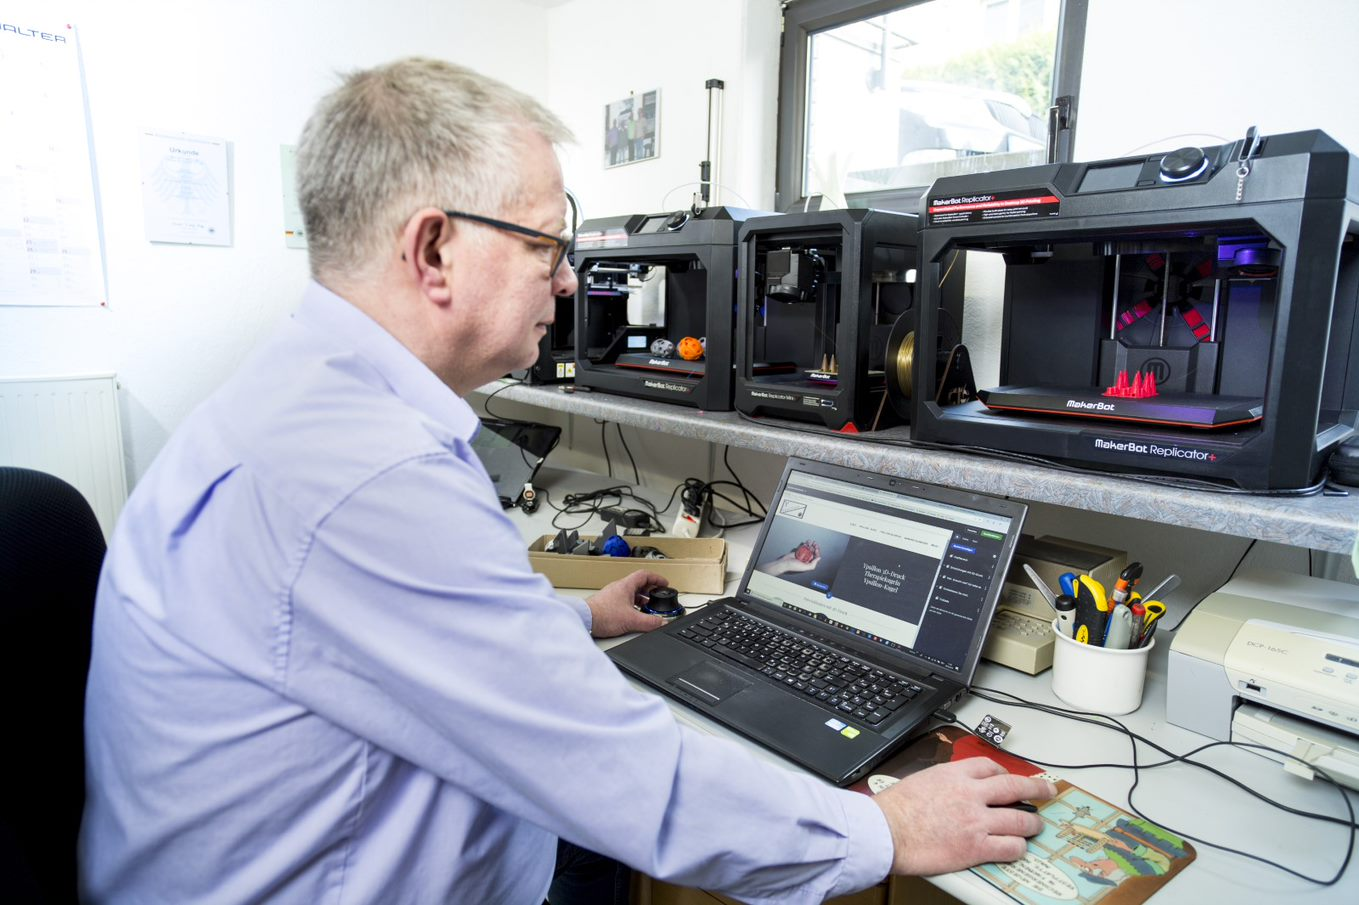 Ypsillon- Mit GoDaddy verwirklicht sich der 3D-Druck-Pionier selbst Website